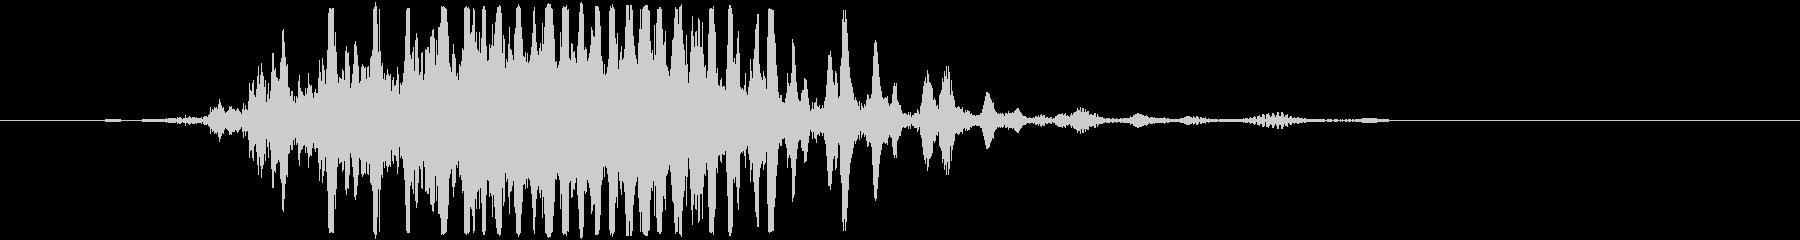 BLEEPSWEEP VERSION 5の未再生の波形